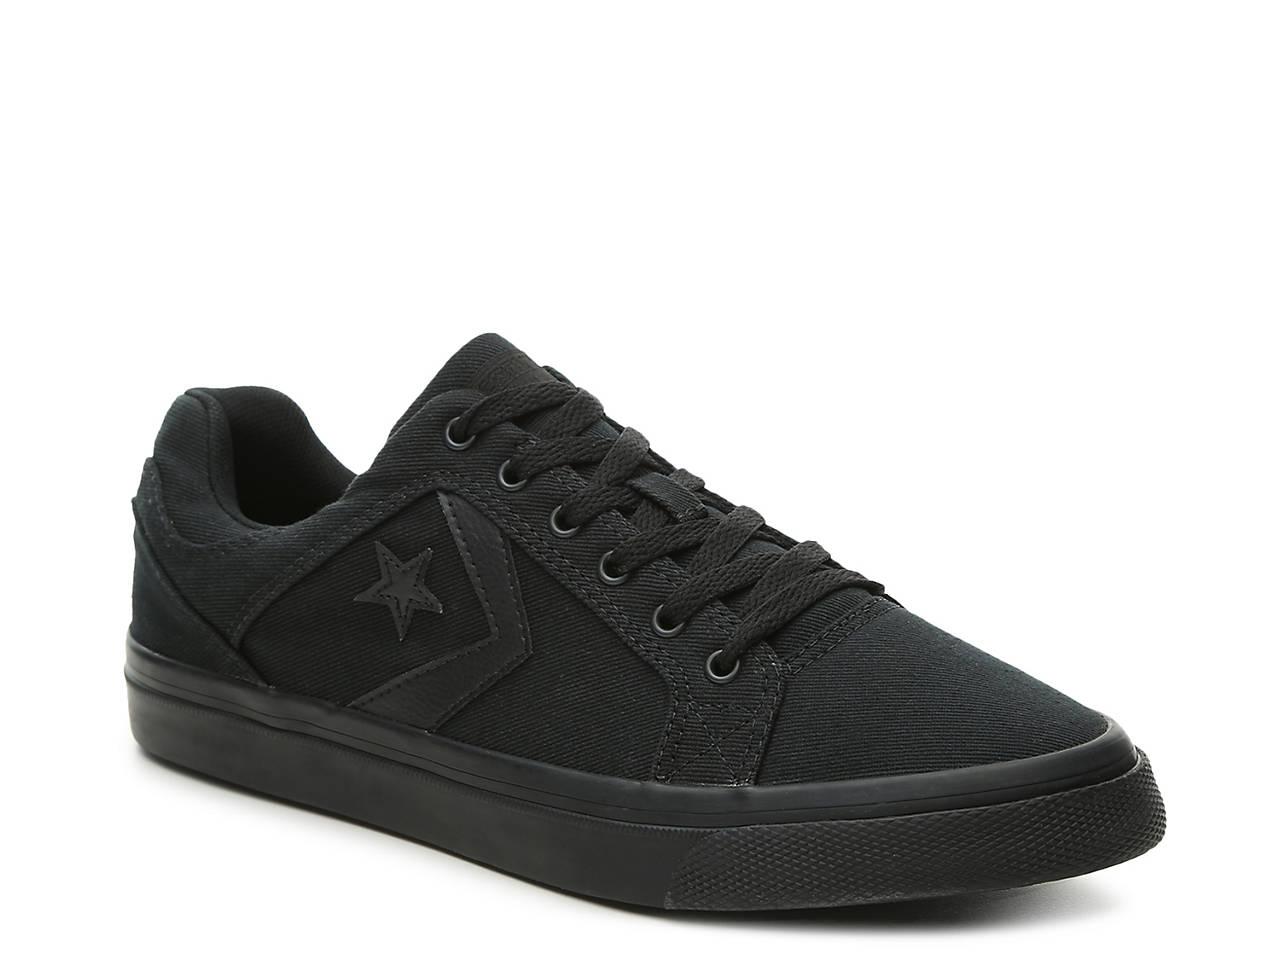 fc0498c7da91 Converse El Distrito Sneaker - Men s Men s Shoes